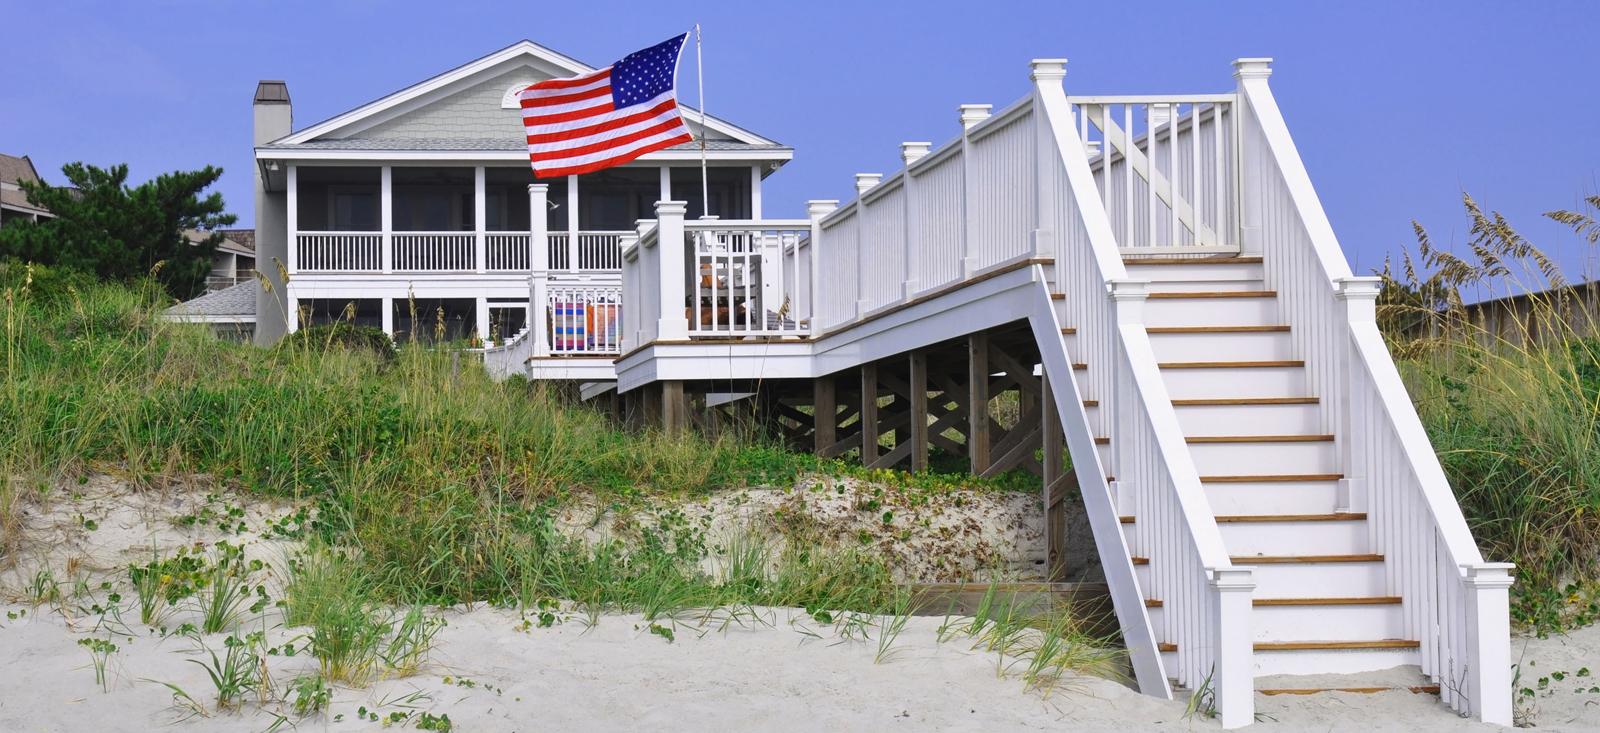 Beach-House-US-Flag